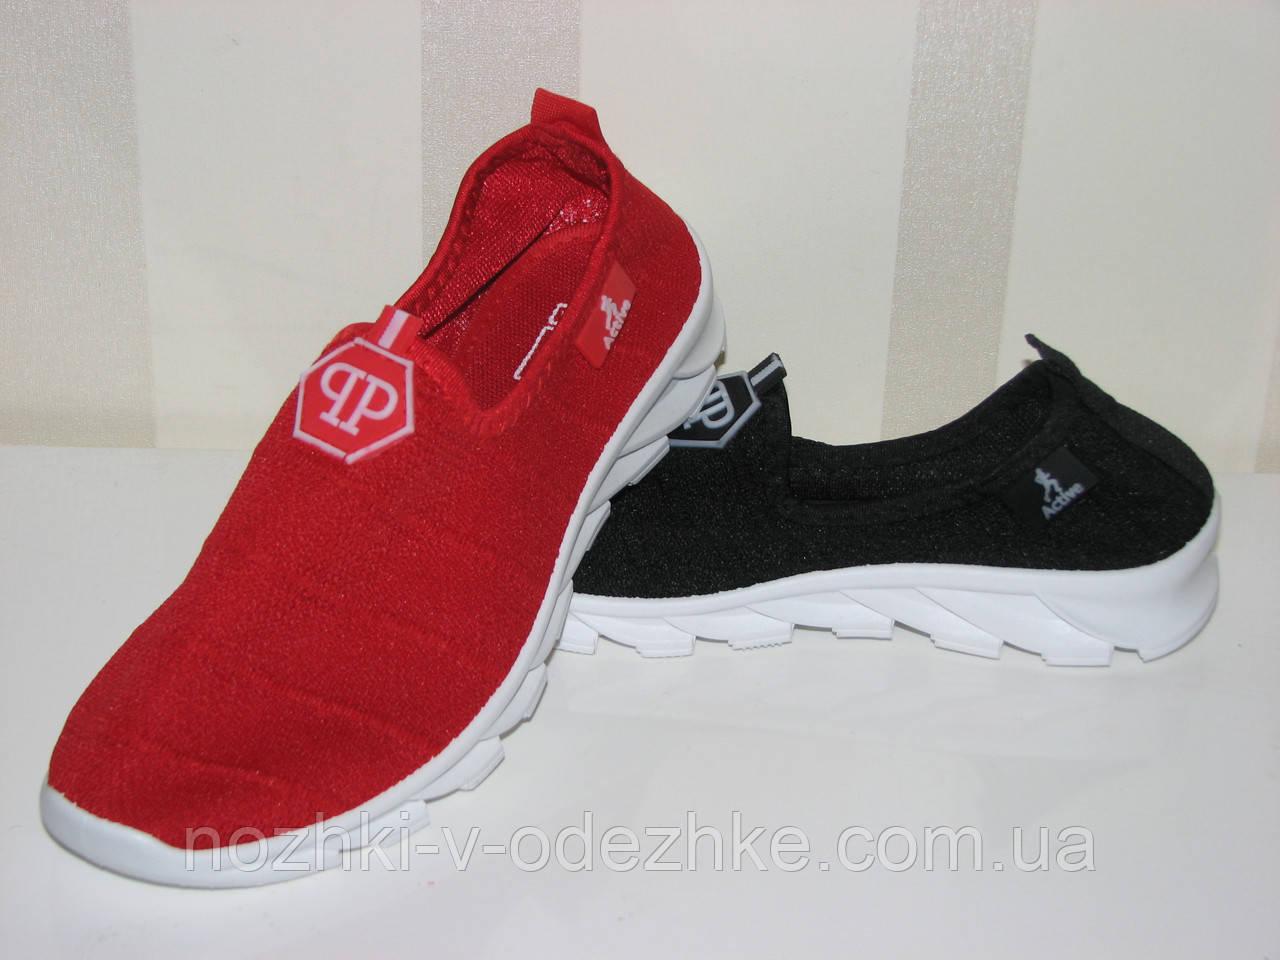 ... Тканевые кеды кроссовки, мокасины красные на резиновой подошве , фото 3 cf066207888